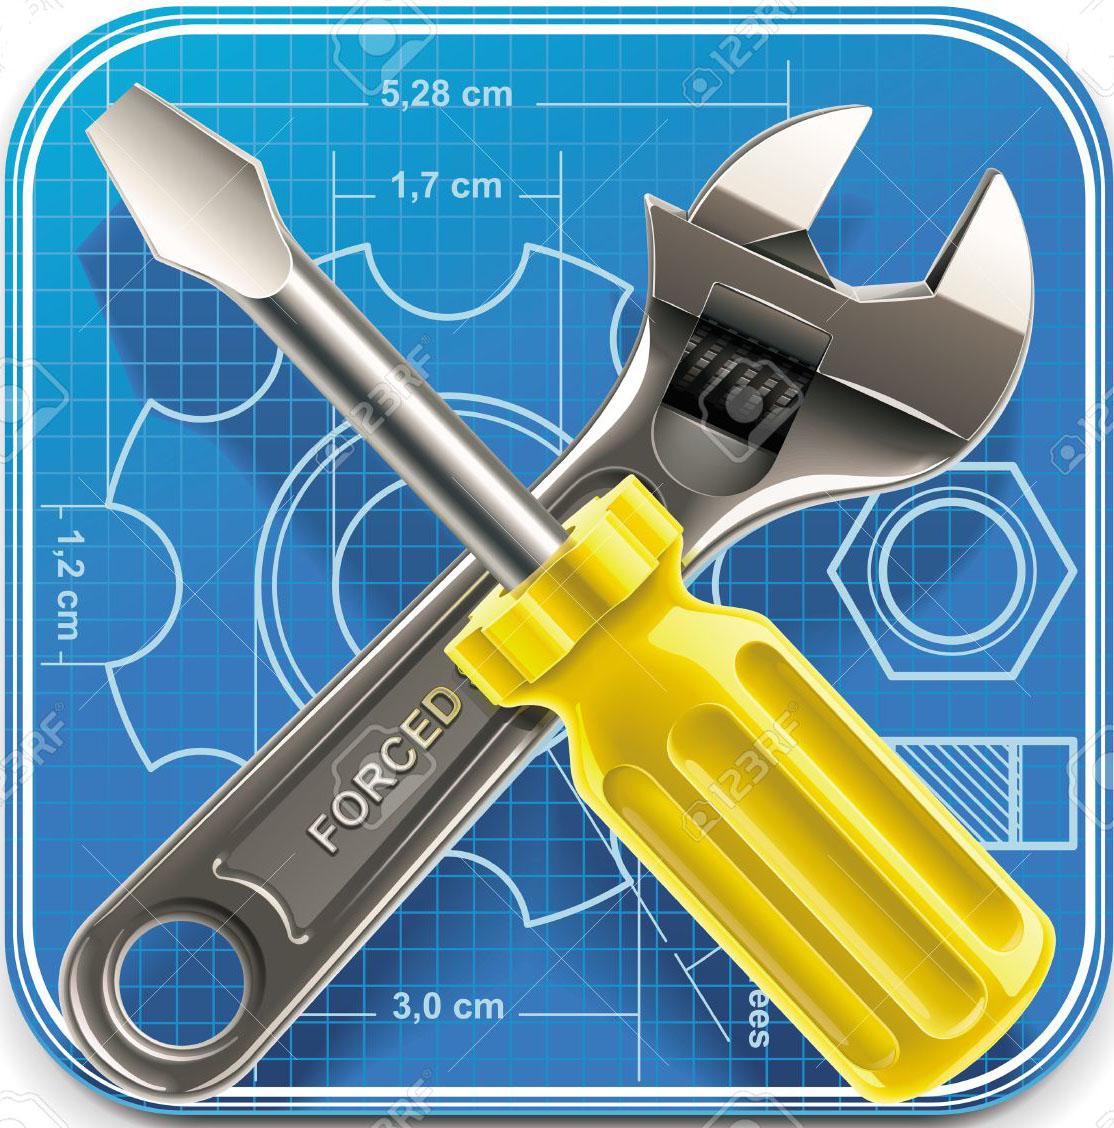 Обслуговування і ремонт обладнання підприємства на умовах аутсорсінгу